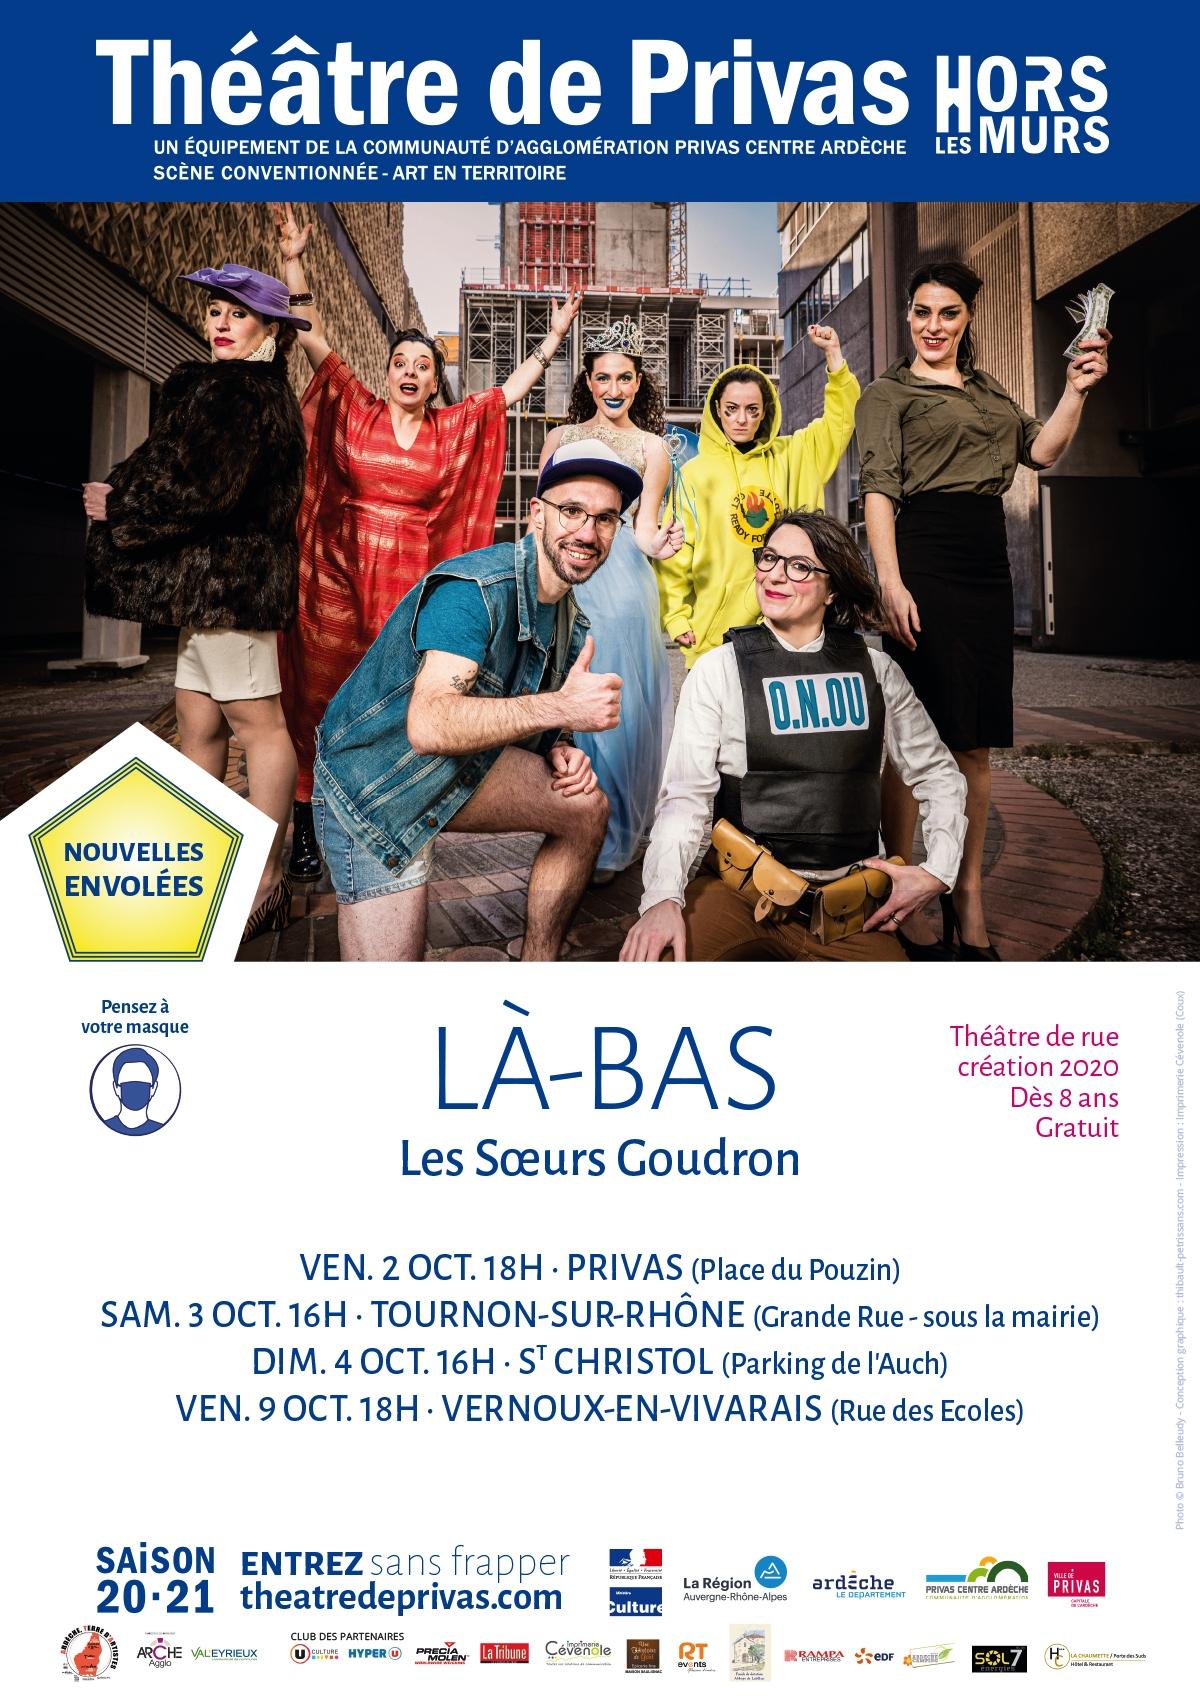 En Ardèche Buissonnière : que faire à Privas ? : Spectacle Là bas - Les Sœurs Goudron (théâtre de rue)